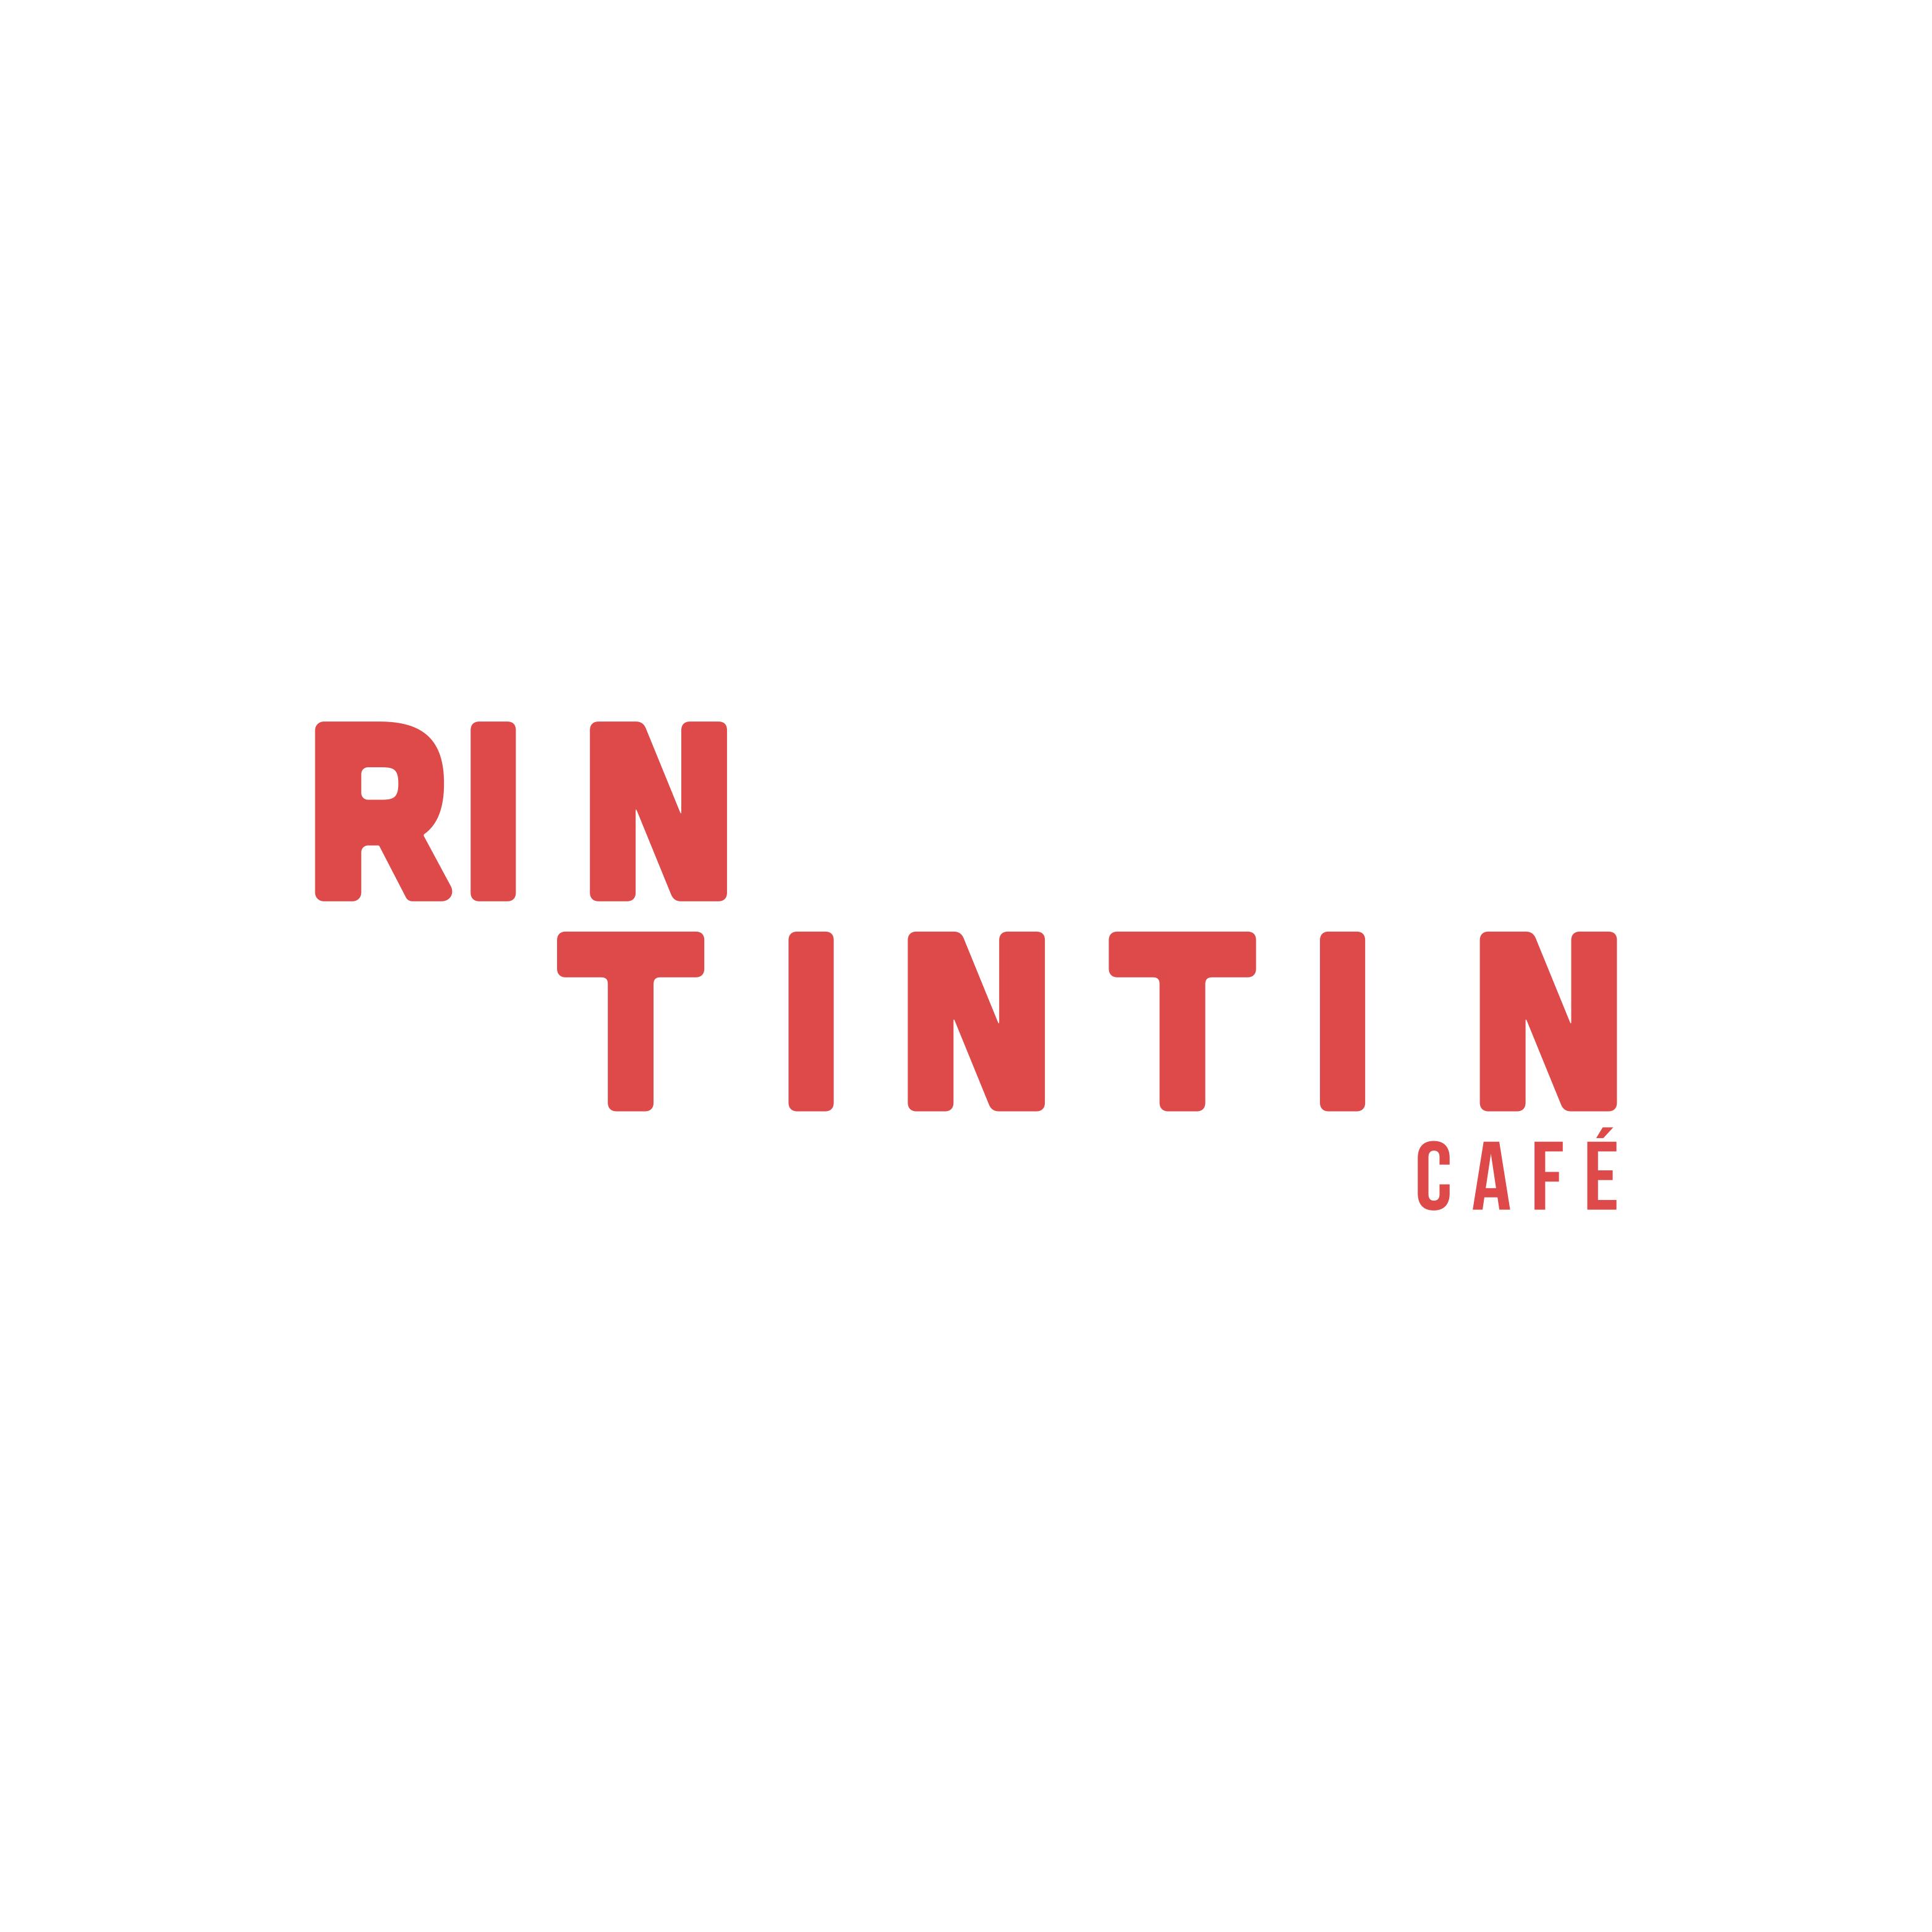 RinTinTin Café